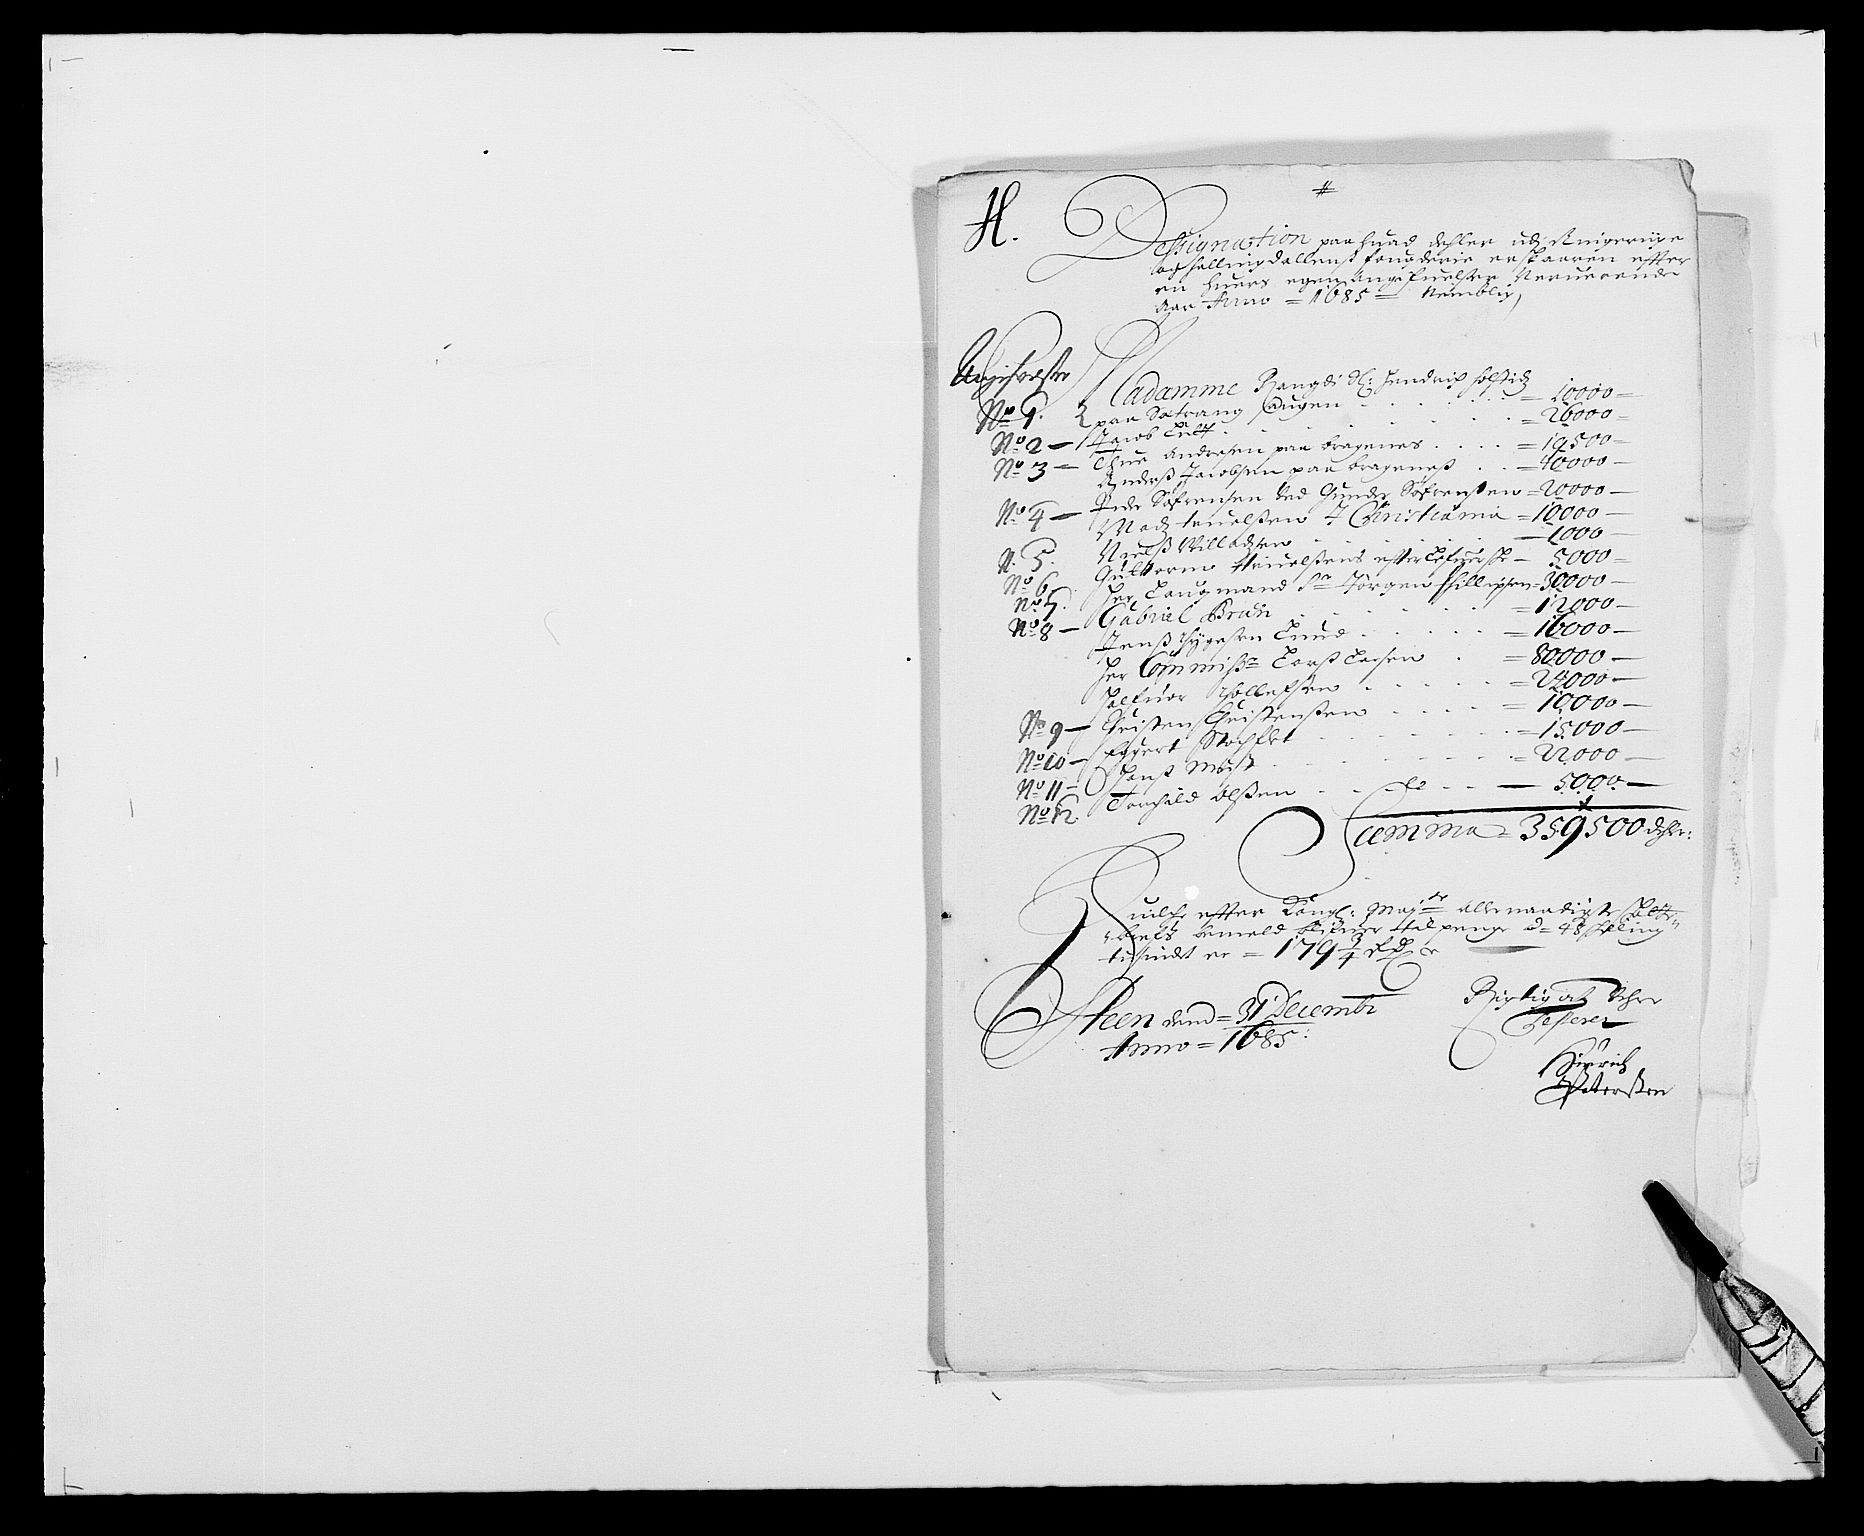 RA, Rentekammeret inntil 1814, Reviderte regnskaper, Fogderegnskap, R21/L1446: Fogderegnskap Ringerike og Hallingdal, 1683-1686, s. 352